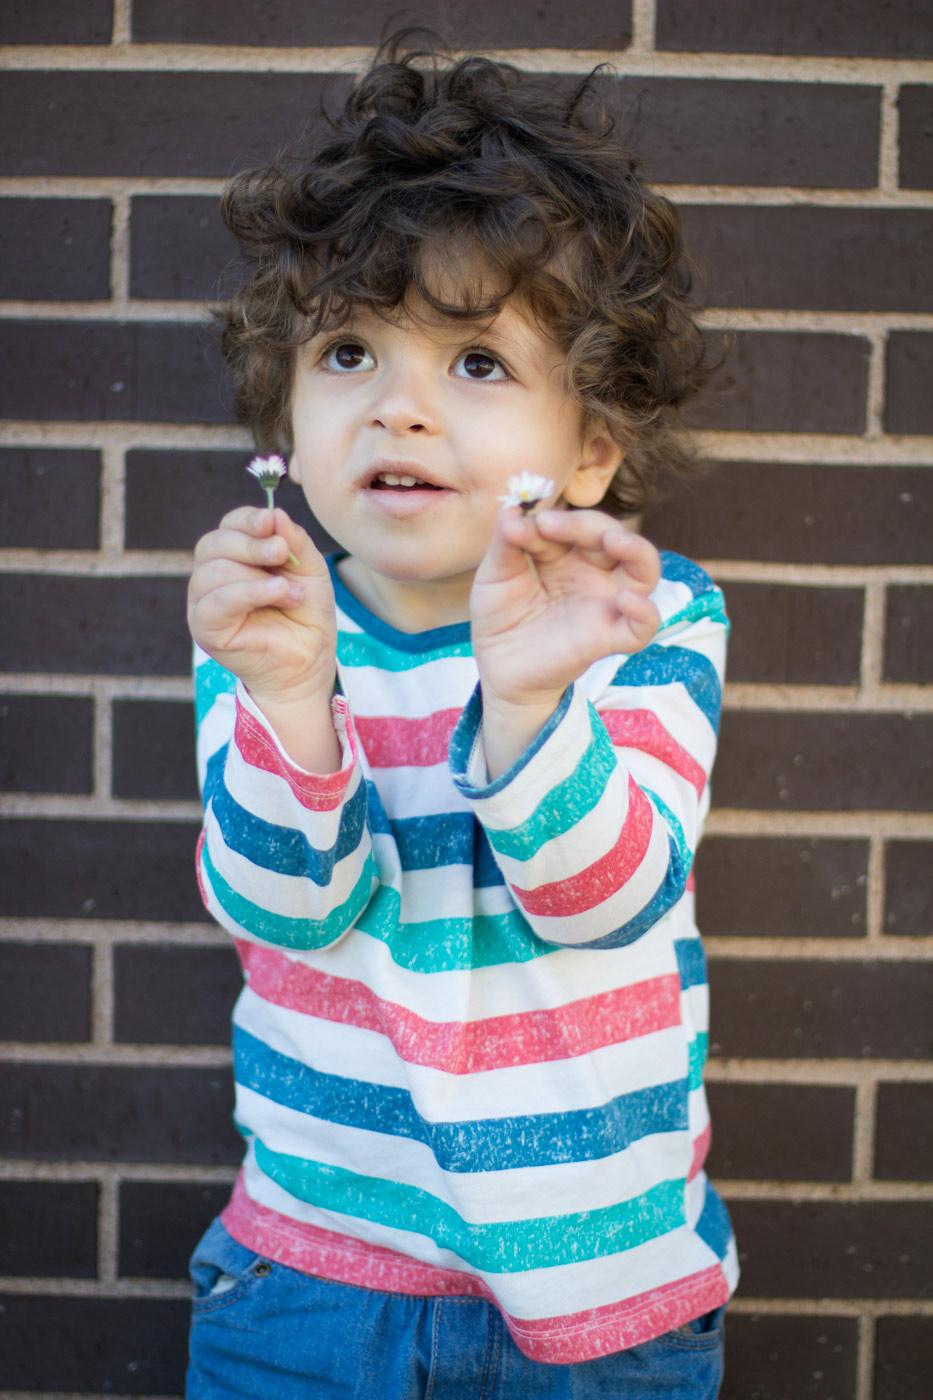 niño felic con dos pequeñas margaritas en las manos